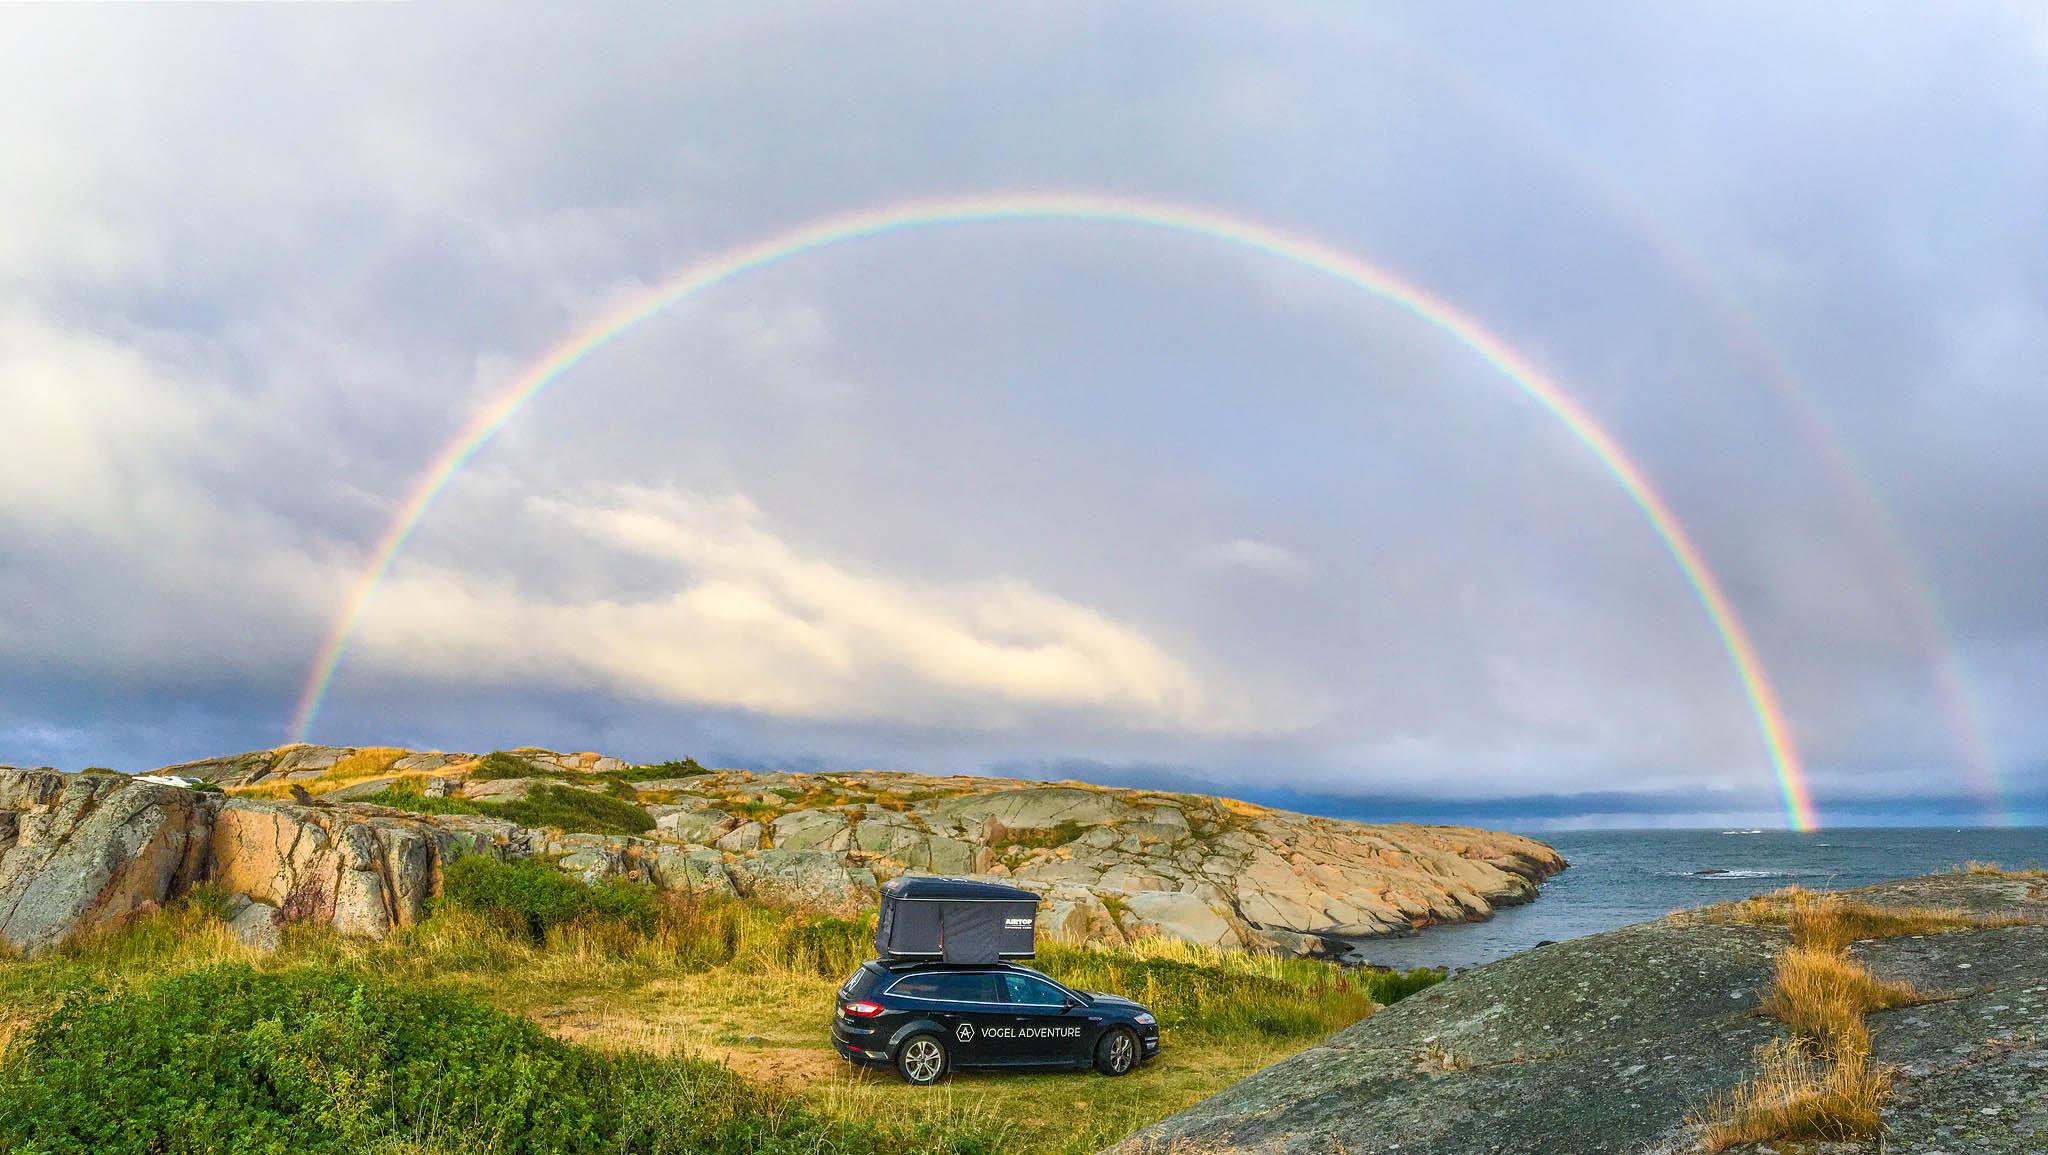 Mein schönster kompletter Regenbogen. Entstanden ist es im Sommer 2017 im Süden Norwegens bei Stavern.